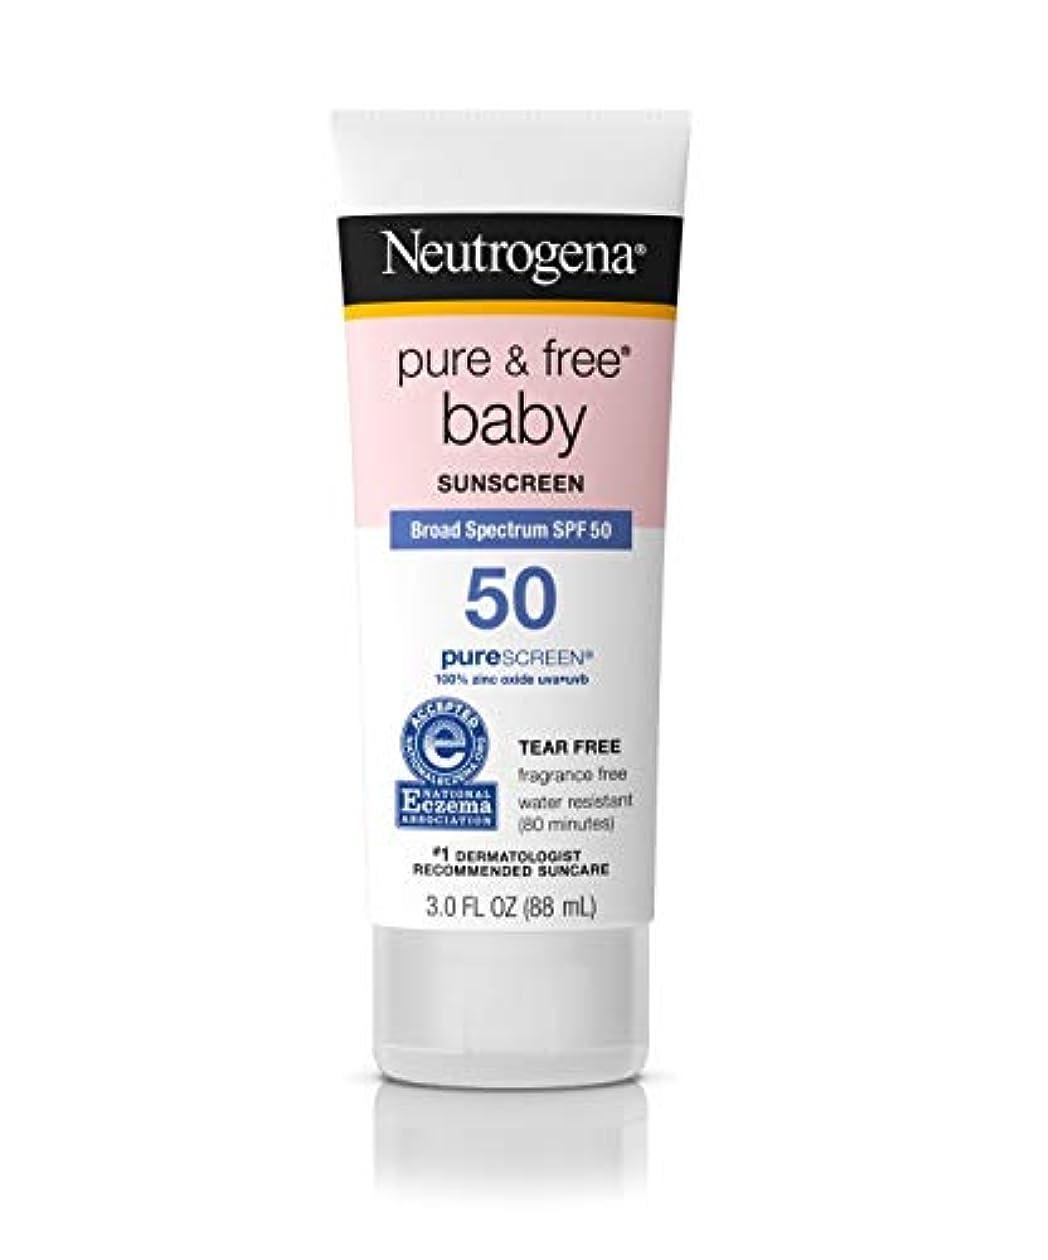 やろうマーチャンダイジング柔和ニュートロジーナ ベビー サンスクリーン SPF50 【88ml】 敏感肌 赤ちゃん 日焼け止め